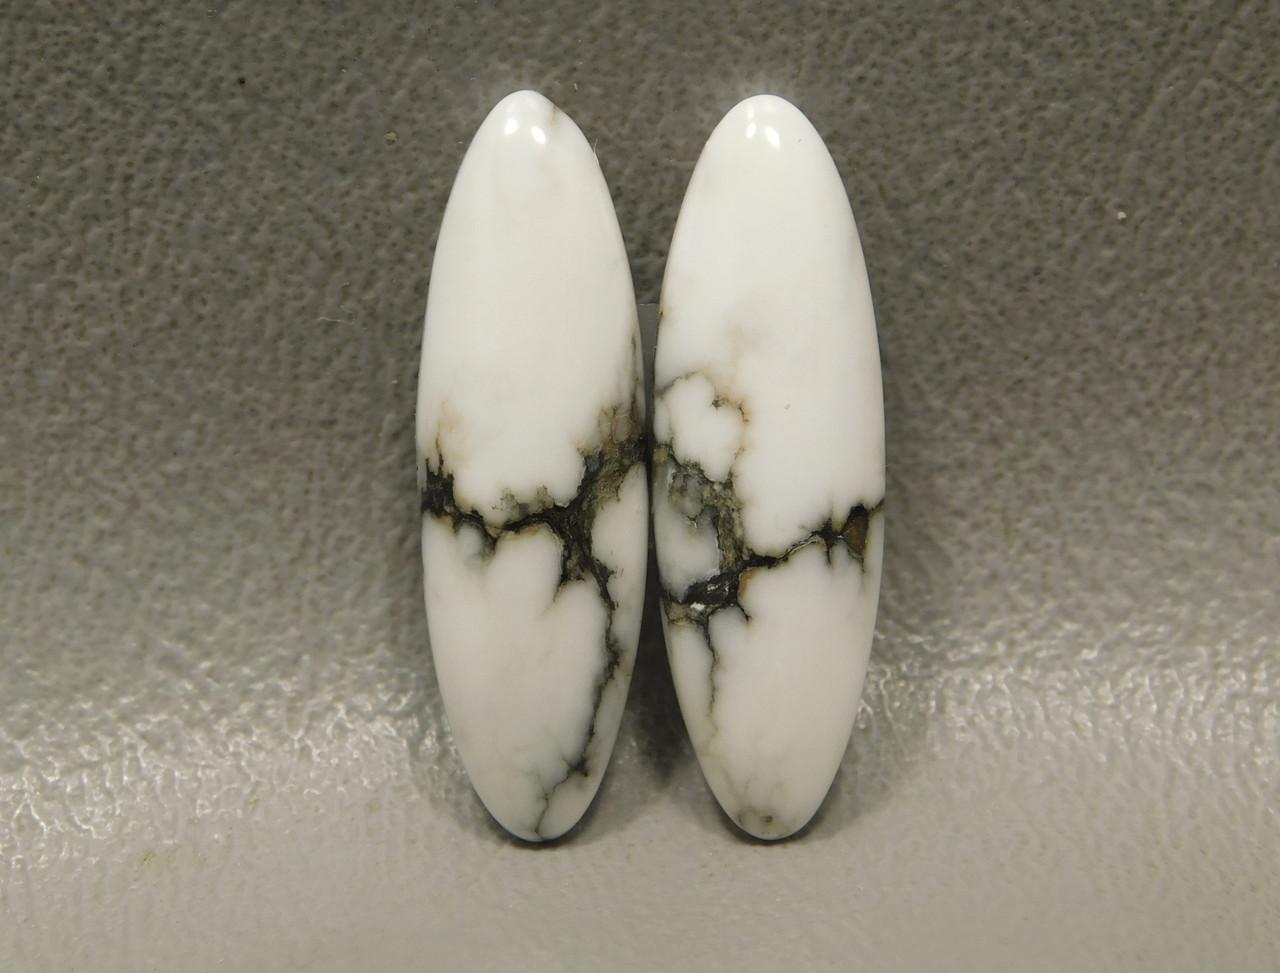 Cabochons Howlite Matched Pair Stones Designer Semi Precious Gemstones #10